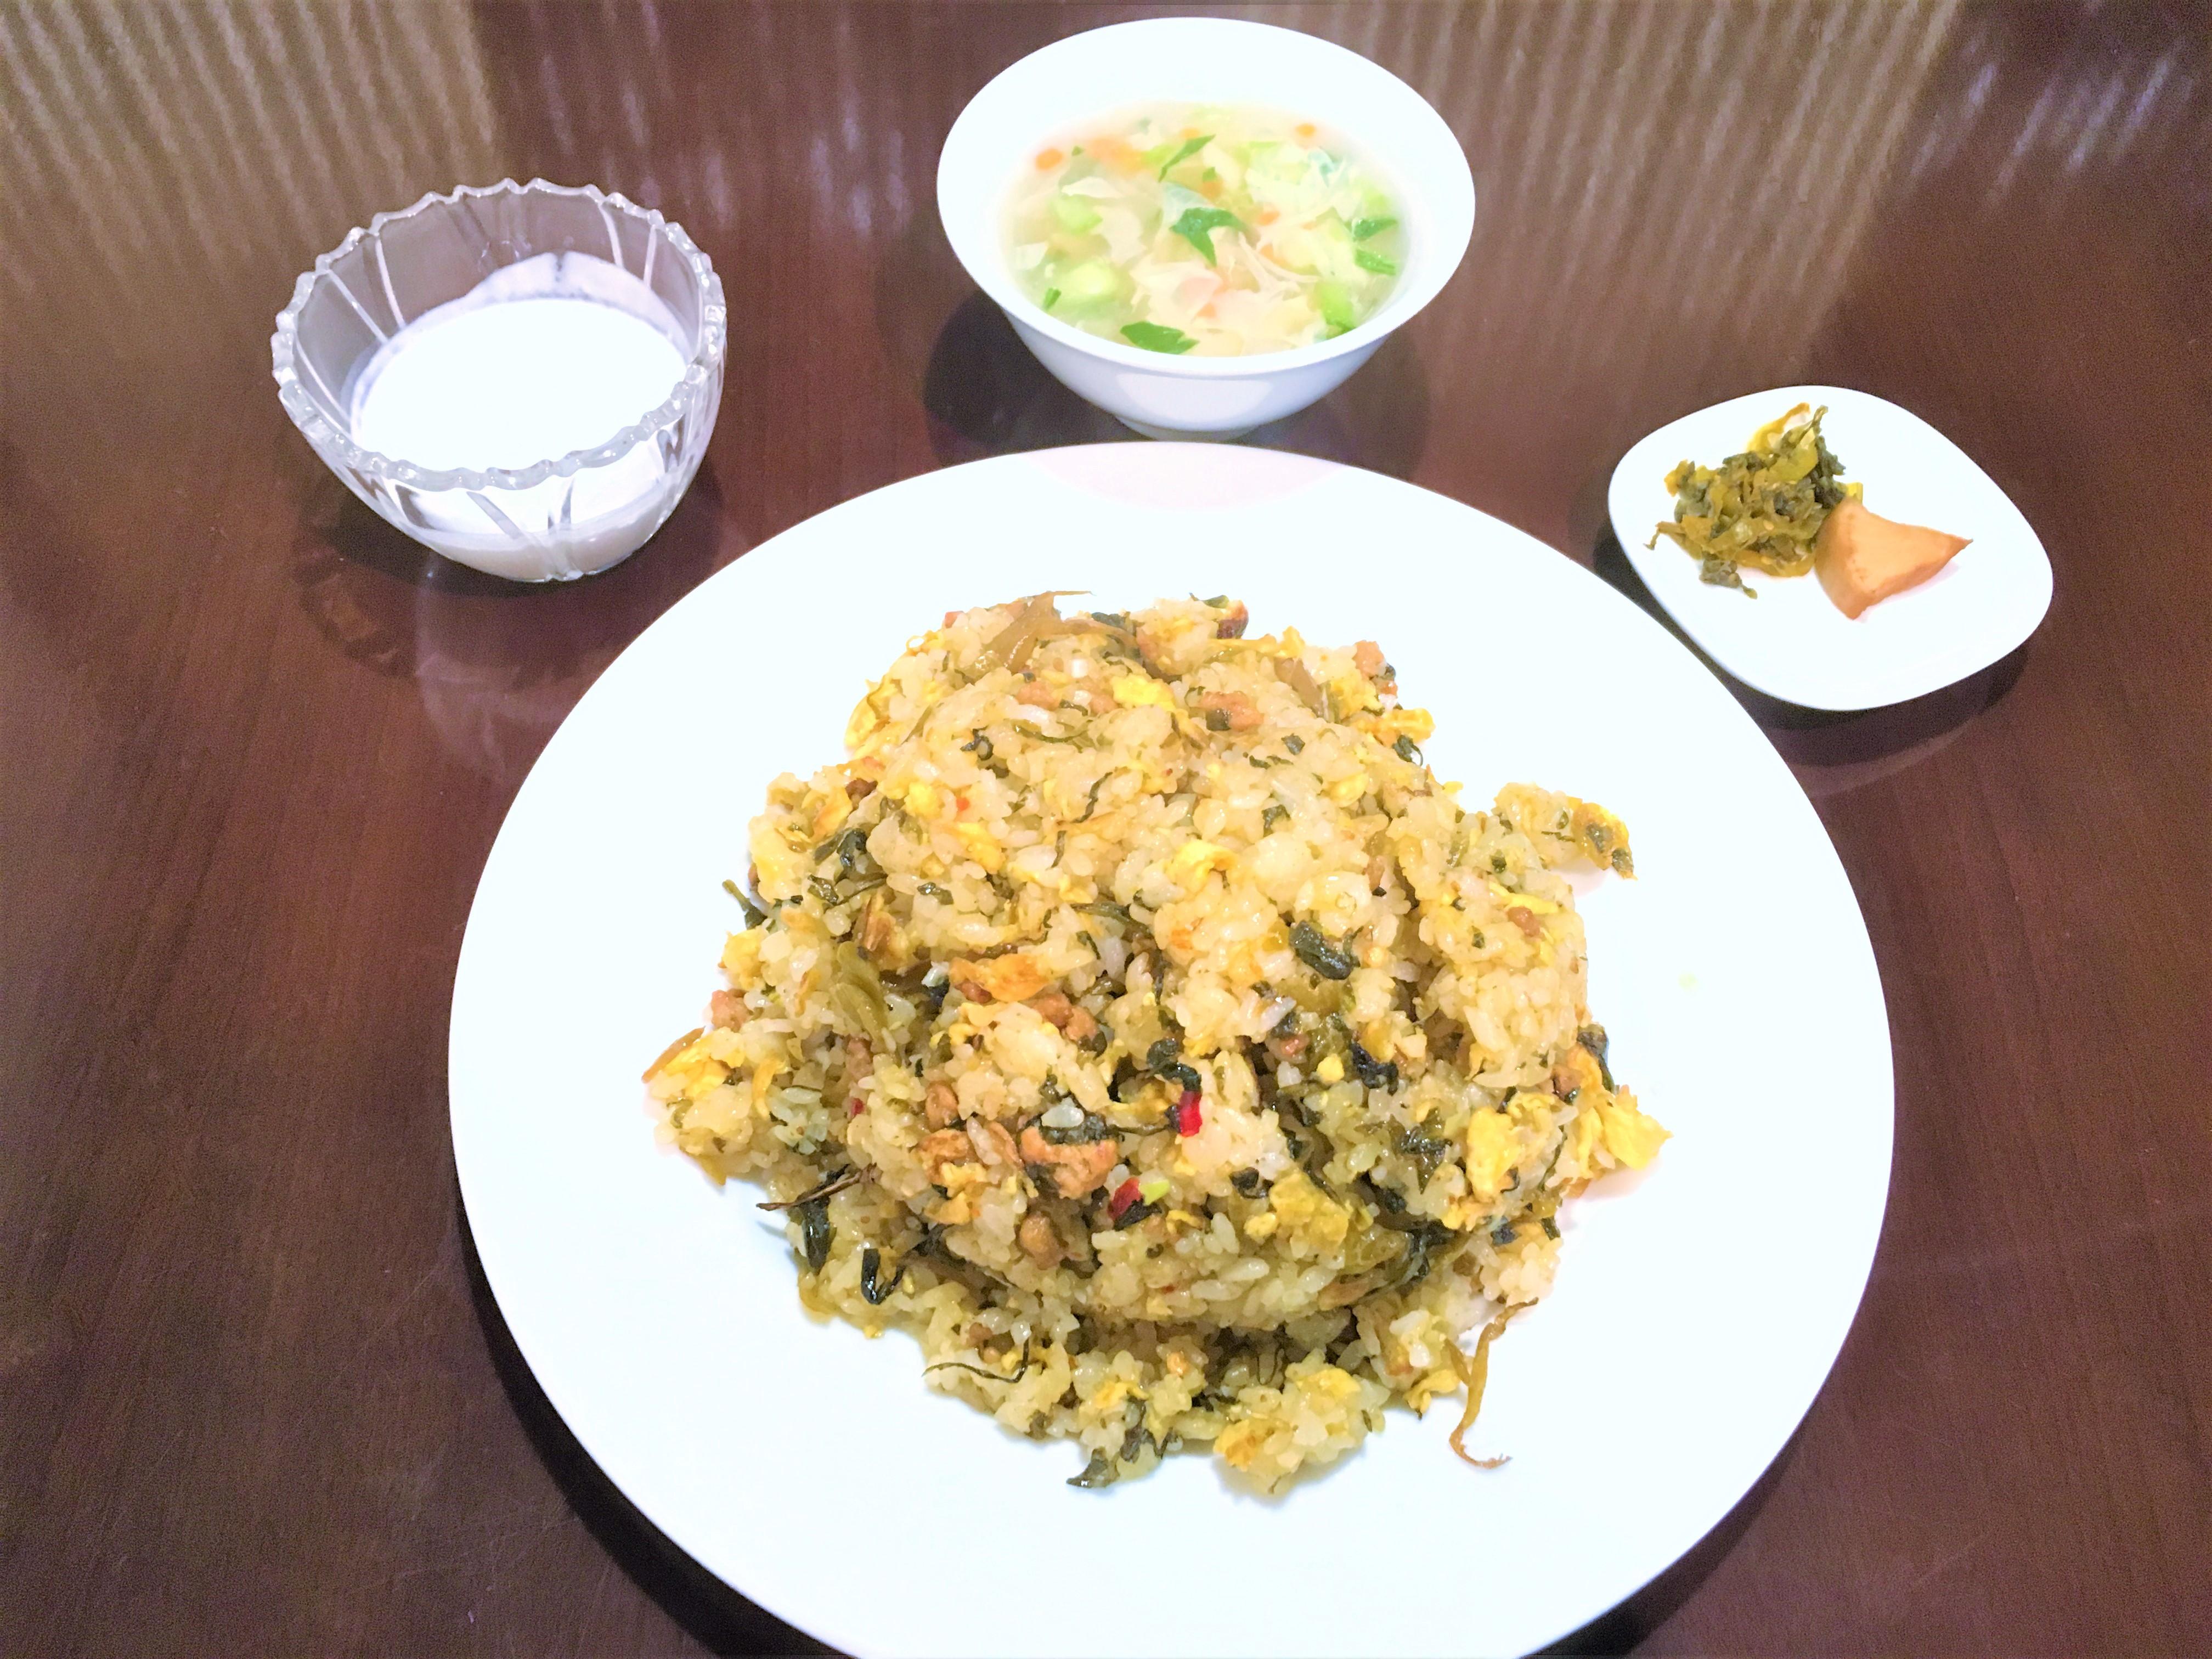 咸菜炒飯(高菜チャーハン)